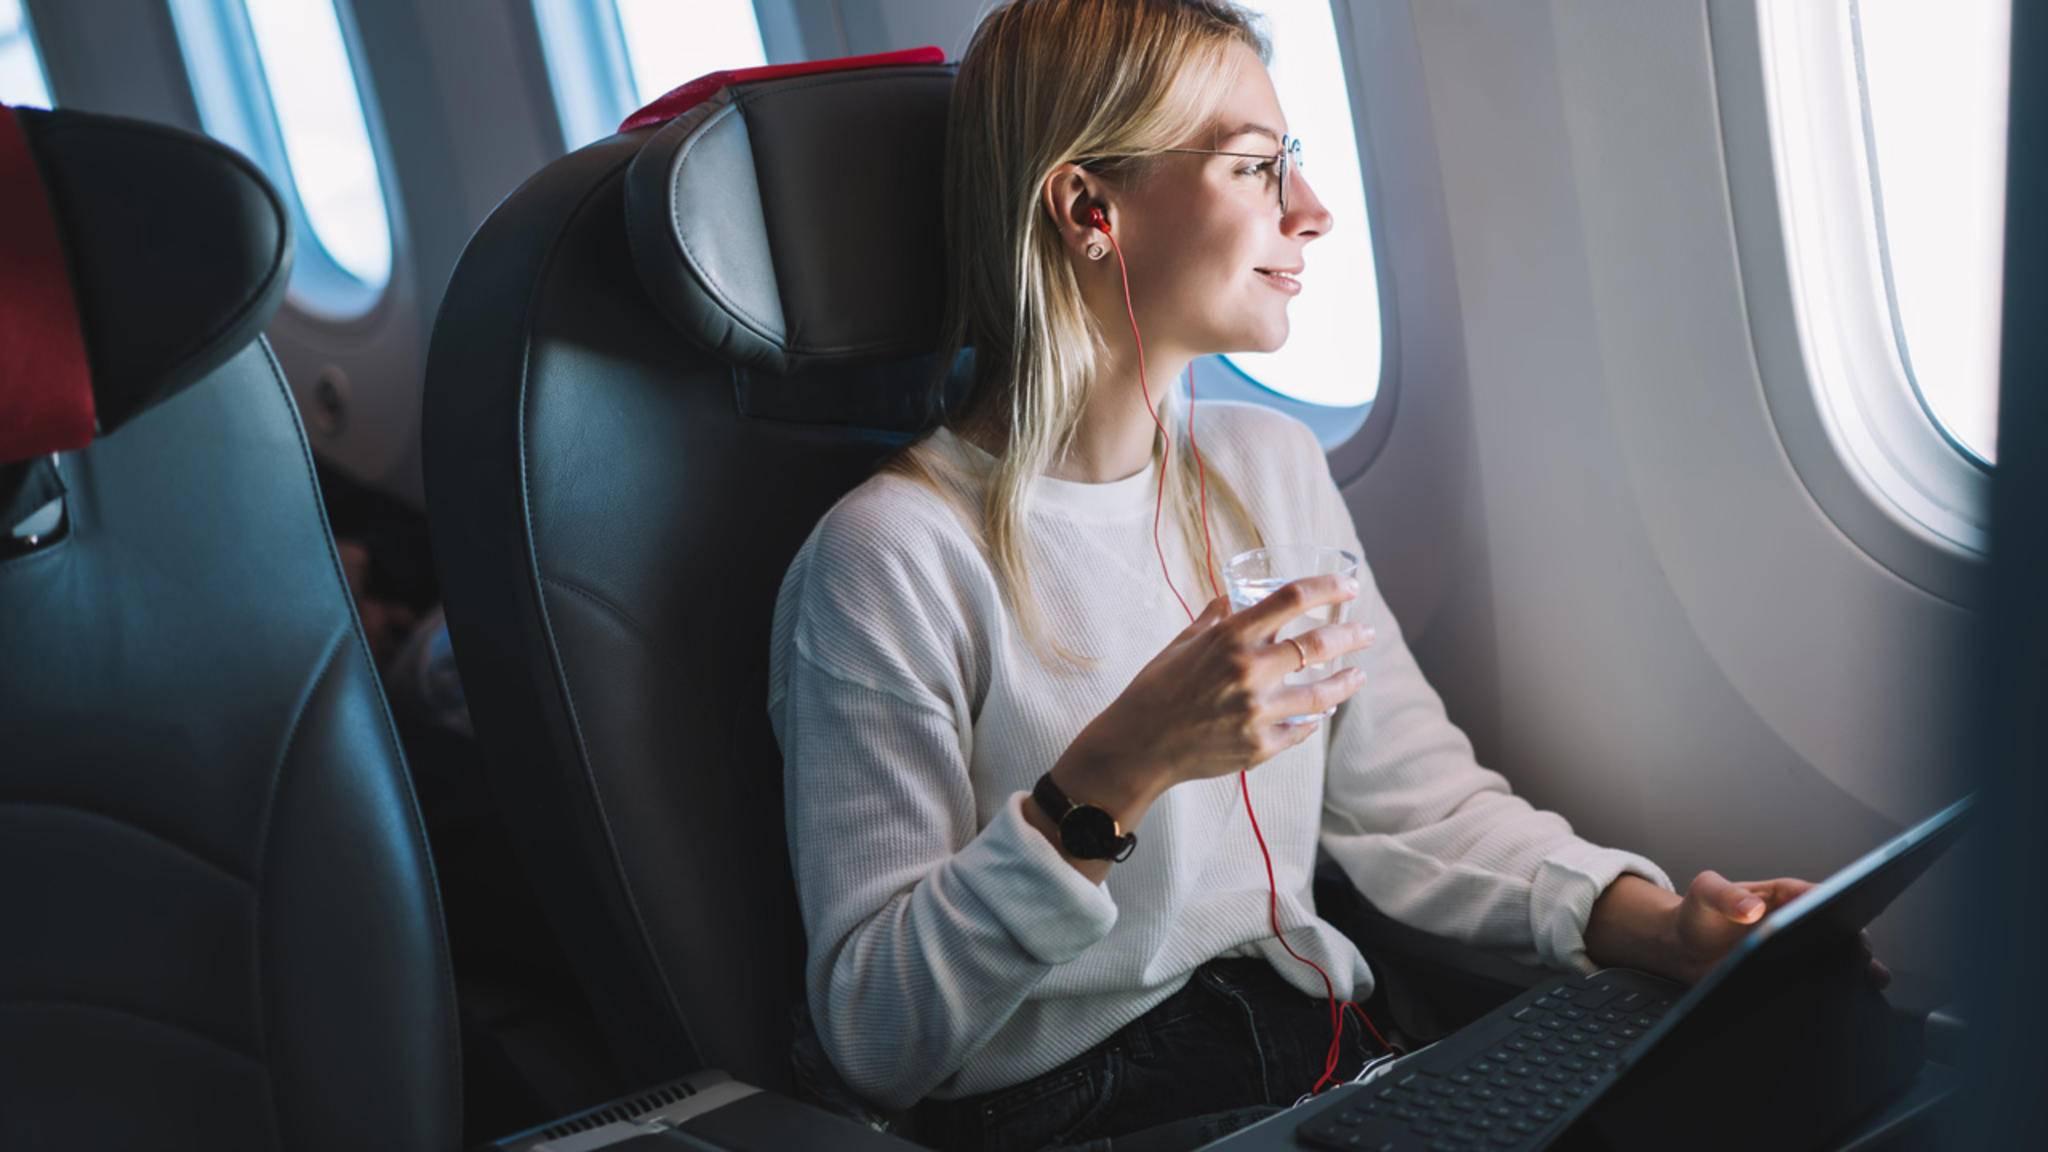 Während des Flugs YouTube gucken oder E-Mails beantworten? Das geht.